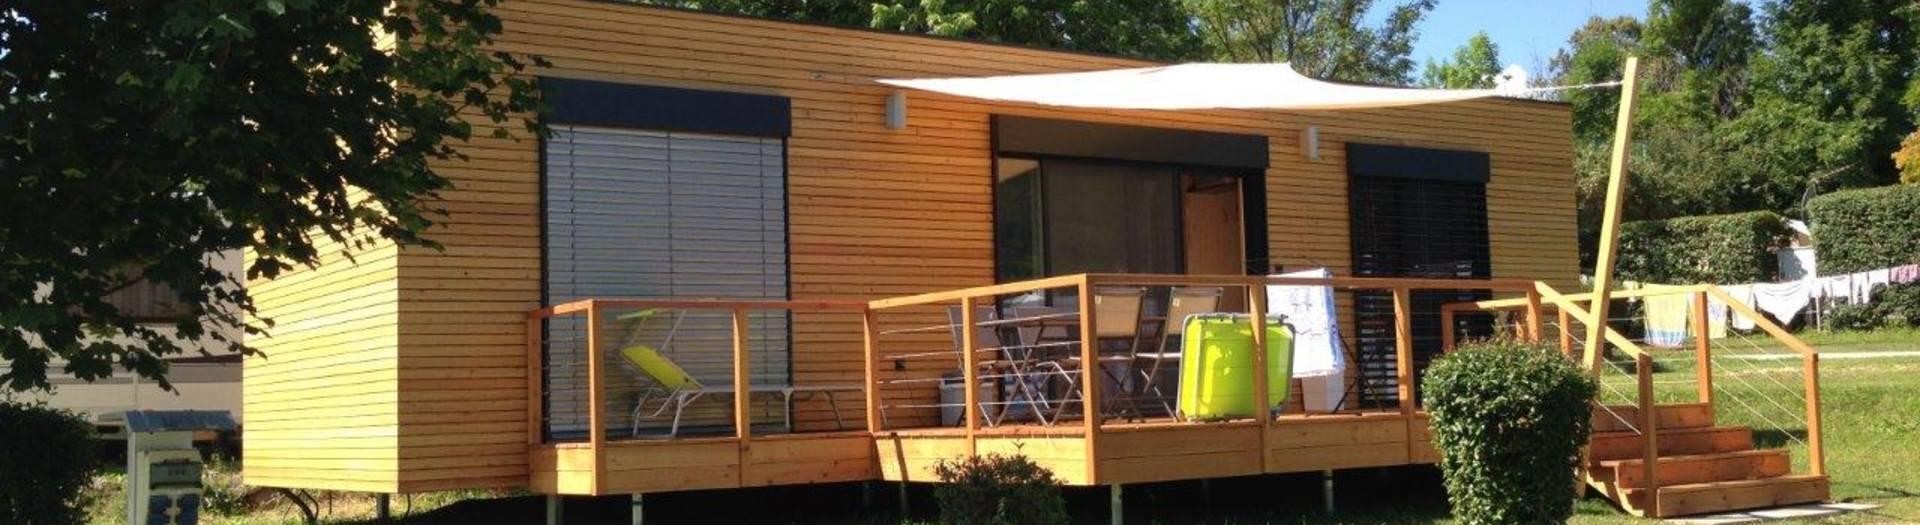 Camping Breznik Mobile Home